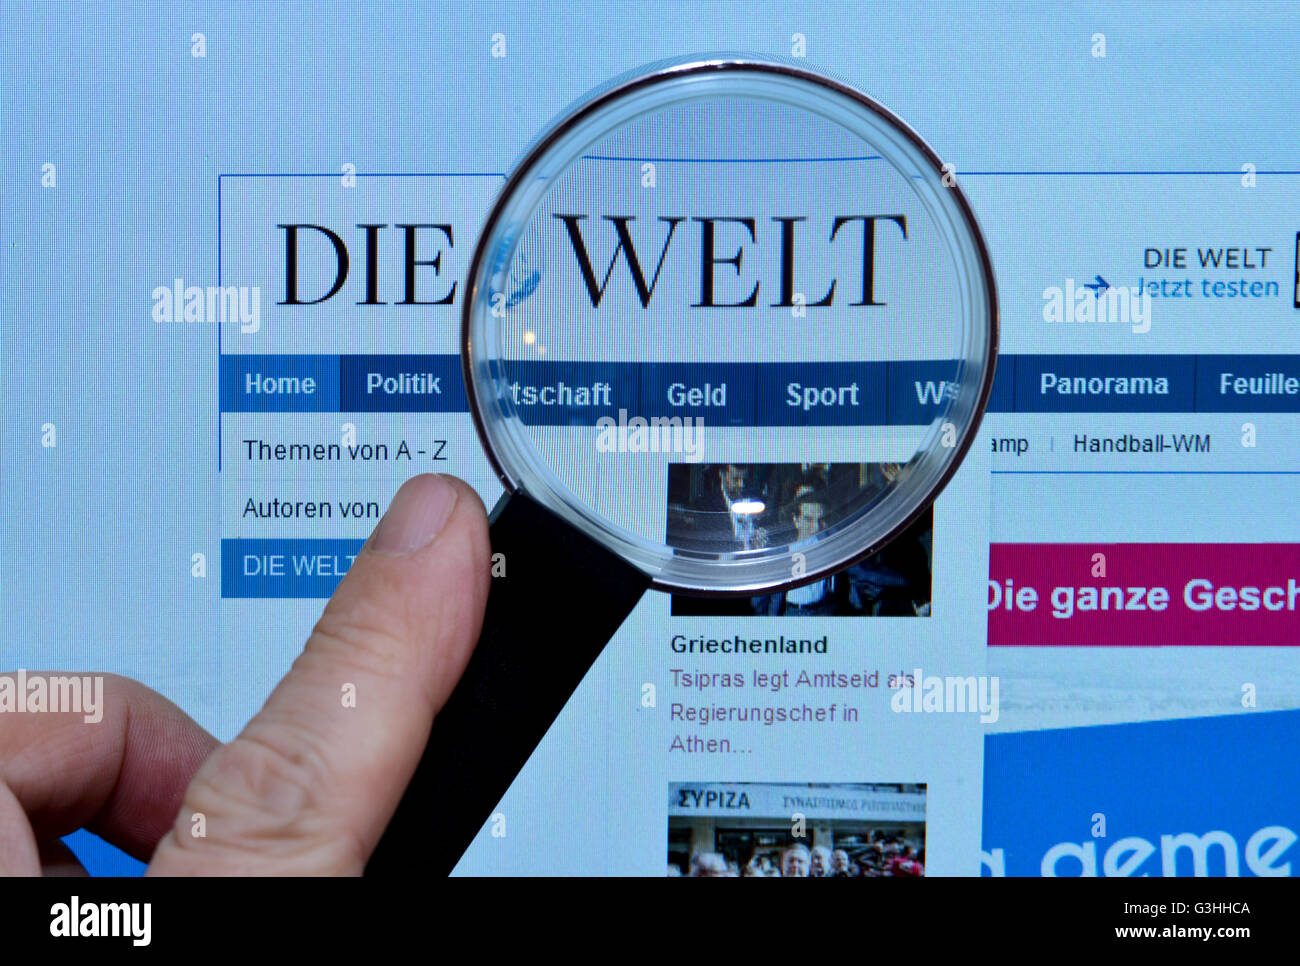 Bildschirm, Internet, Lupe, welt.de, Die Welt - Stock Image